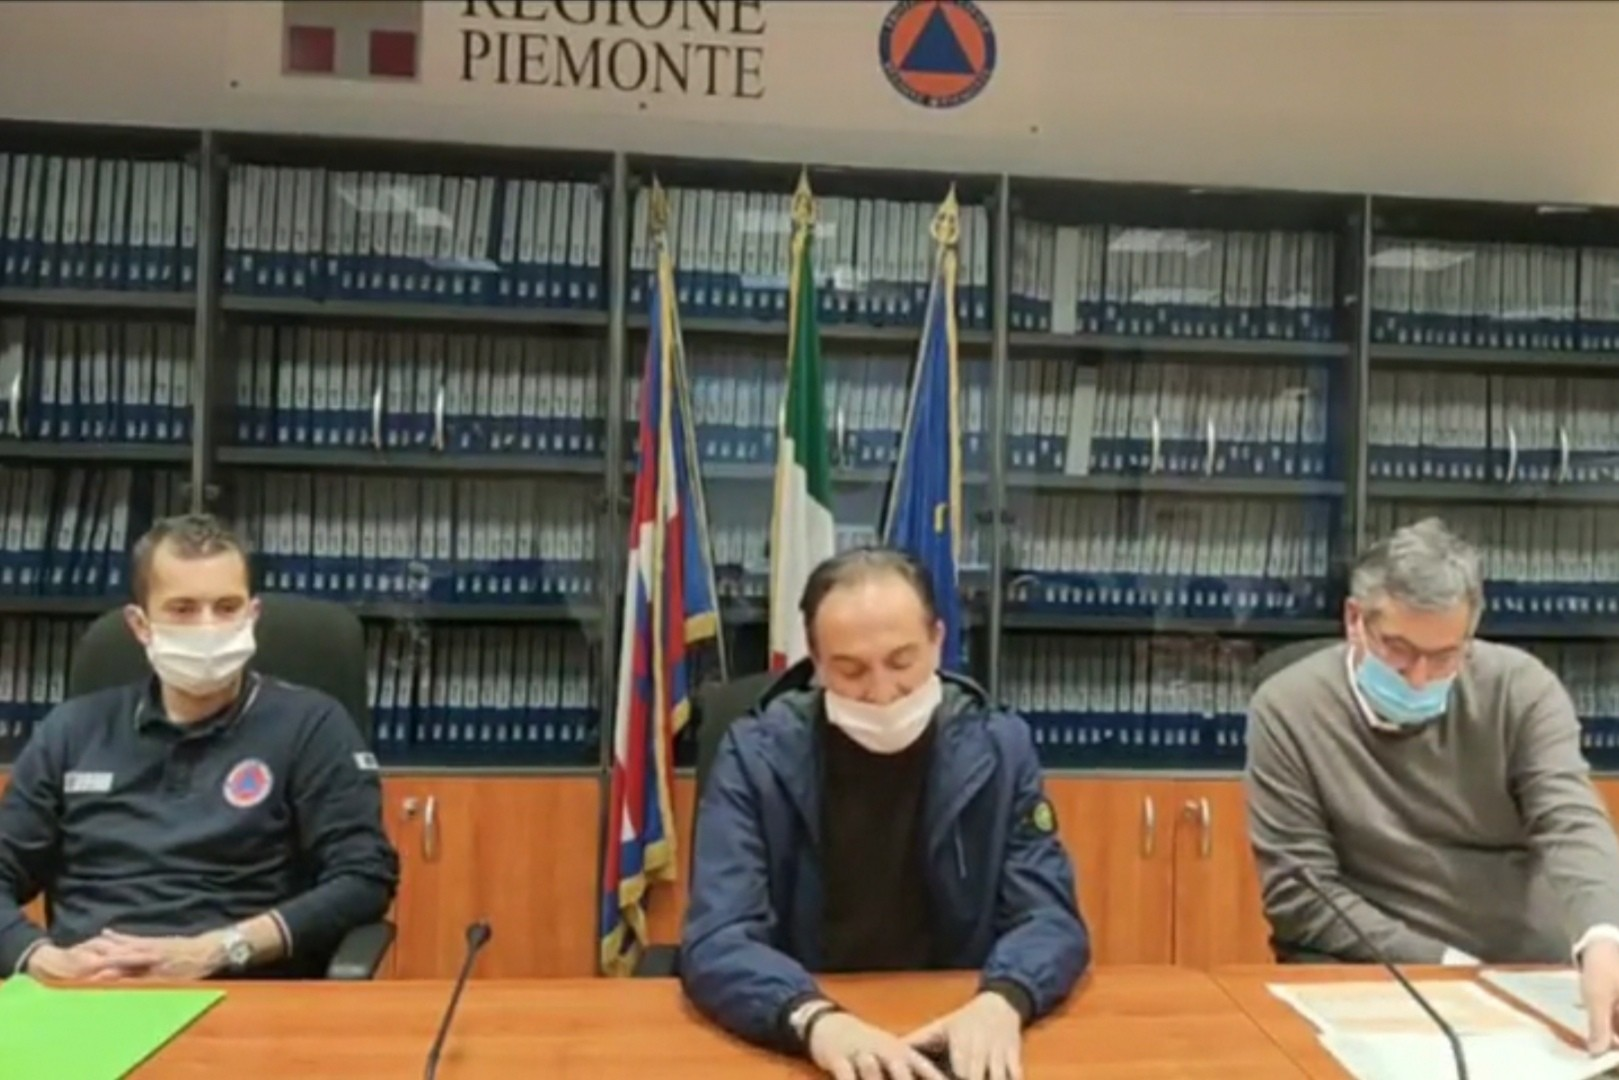 Piscine All Aperto Piemonte virus covid-19: le nuove ordinanze della regione piemonte